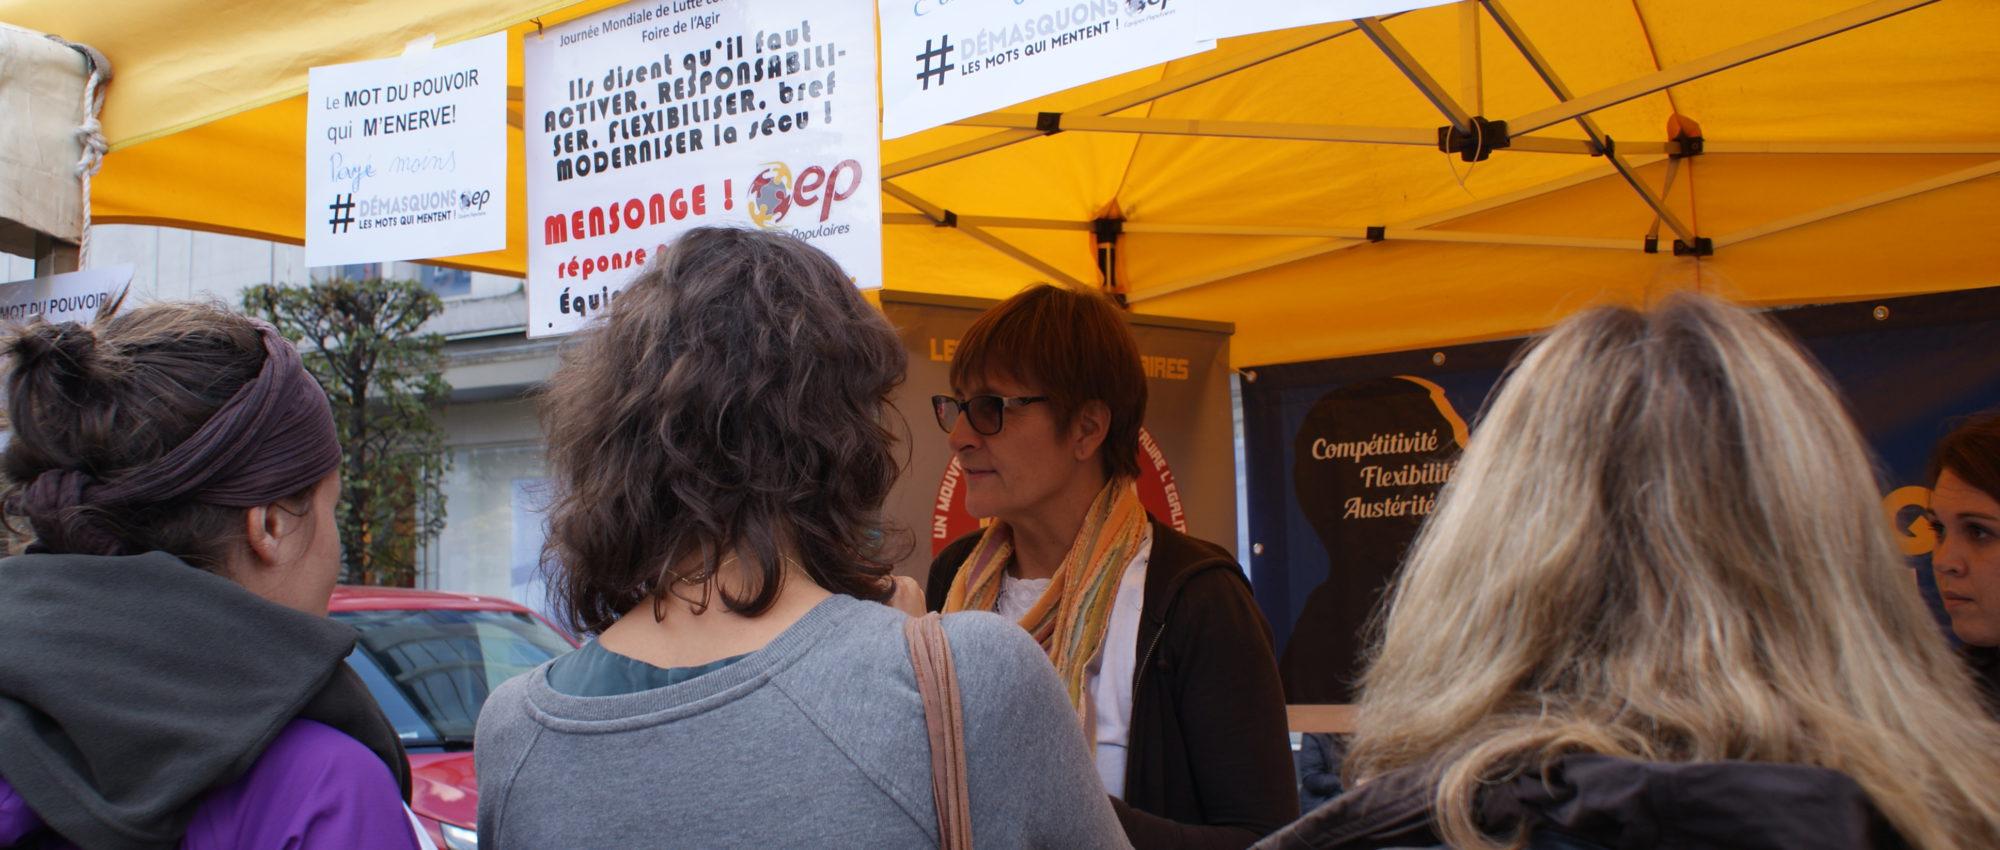 Les Equipes Populaires - stand journée lutte contre la pauvreté Namur